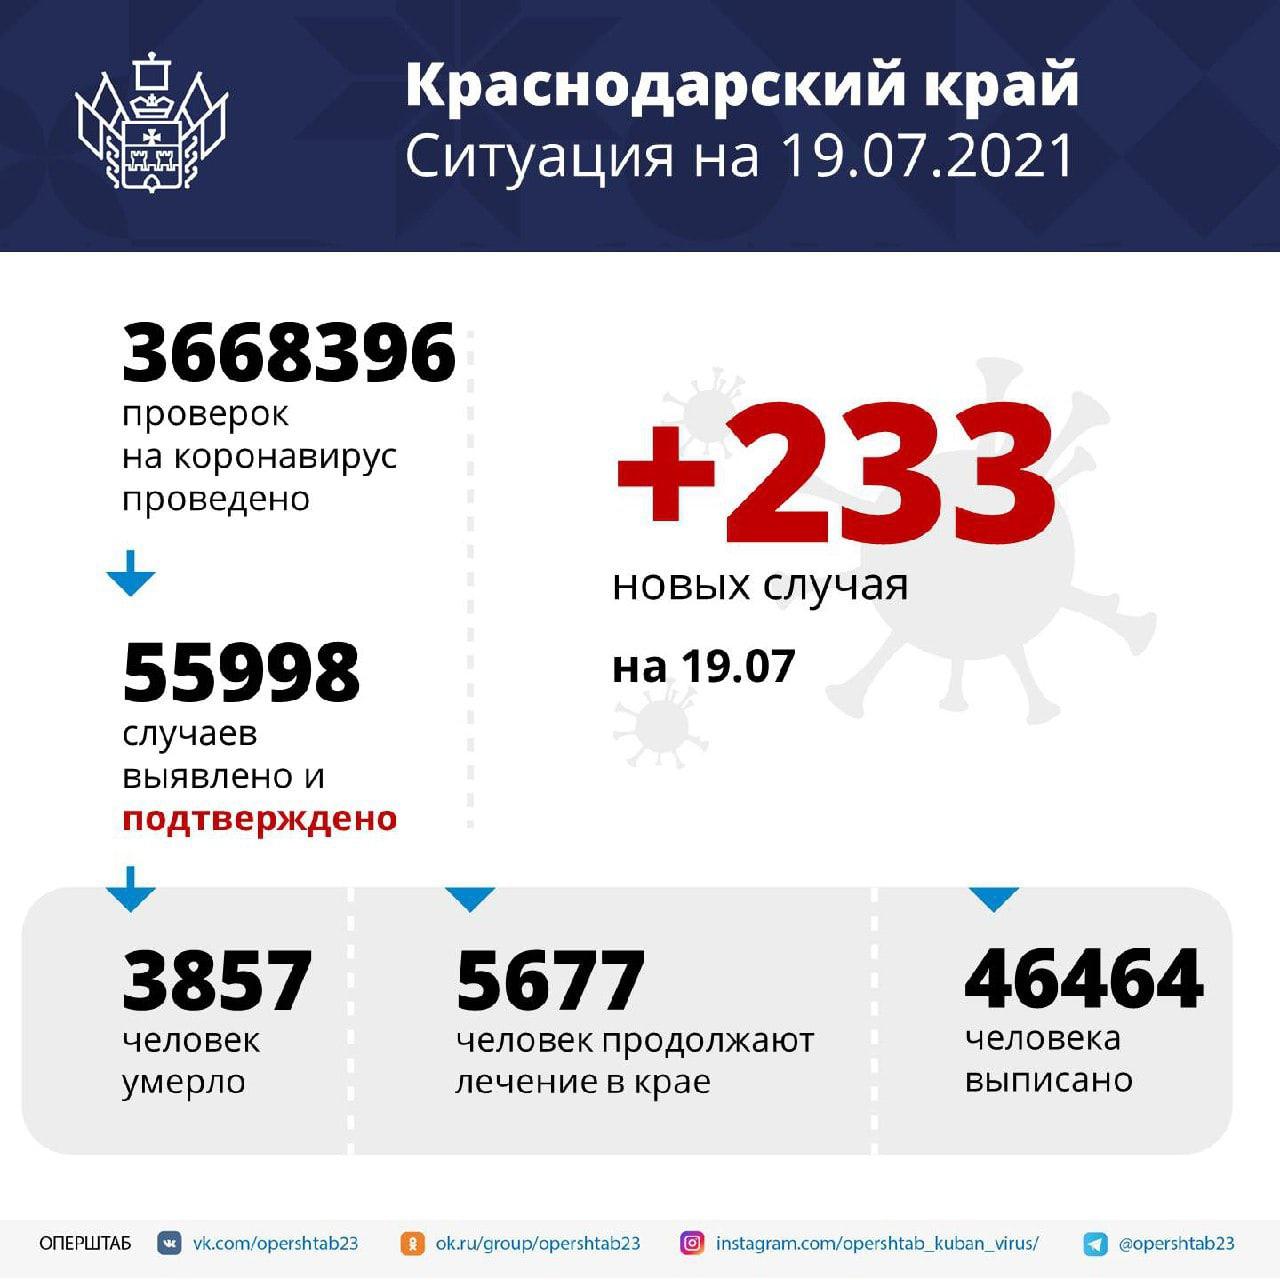 На Кубани за сутки подтвердили 233 новых случая...